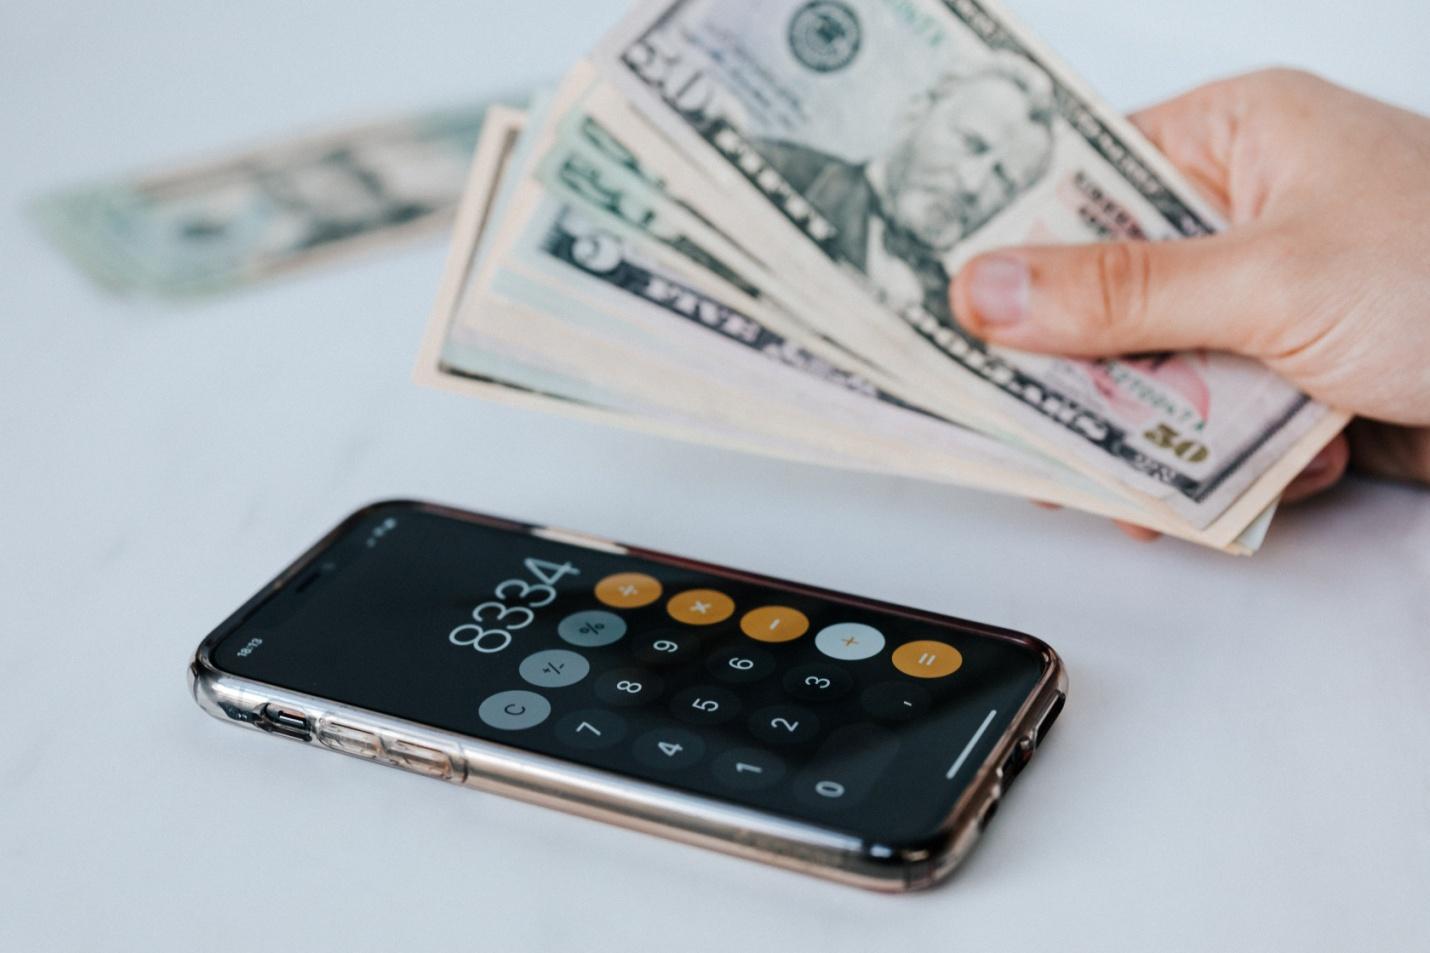 Kiếm đủ tiền để nghỉ hưu sớm ở tuổi 38, triệu phú Mỹ: Hiểu bản thân, biết thời thế và quan trọng là đầu tư thông minh thì mới giàu - Ảnh 2.